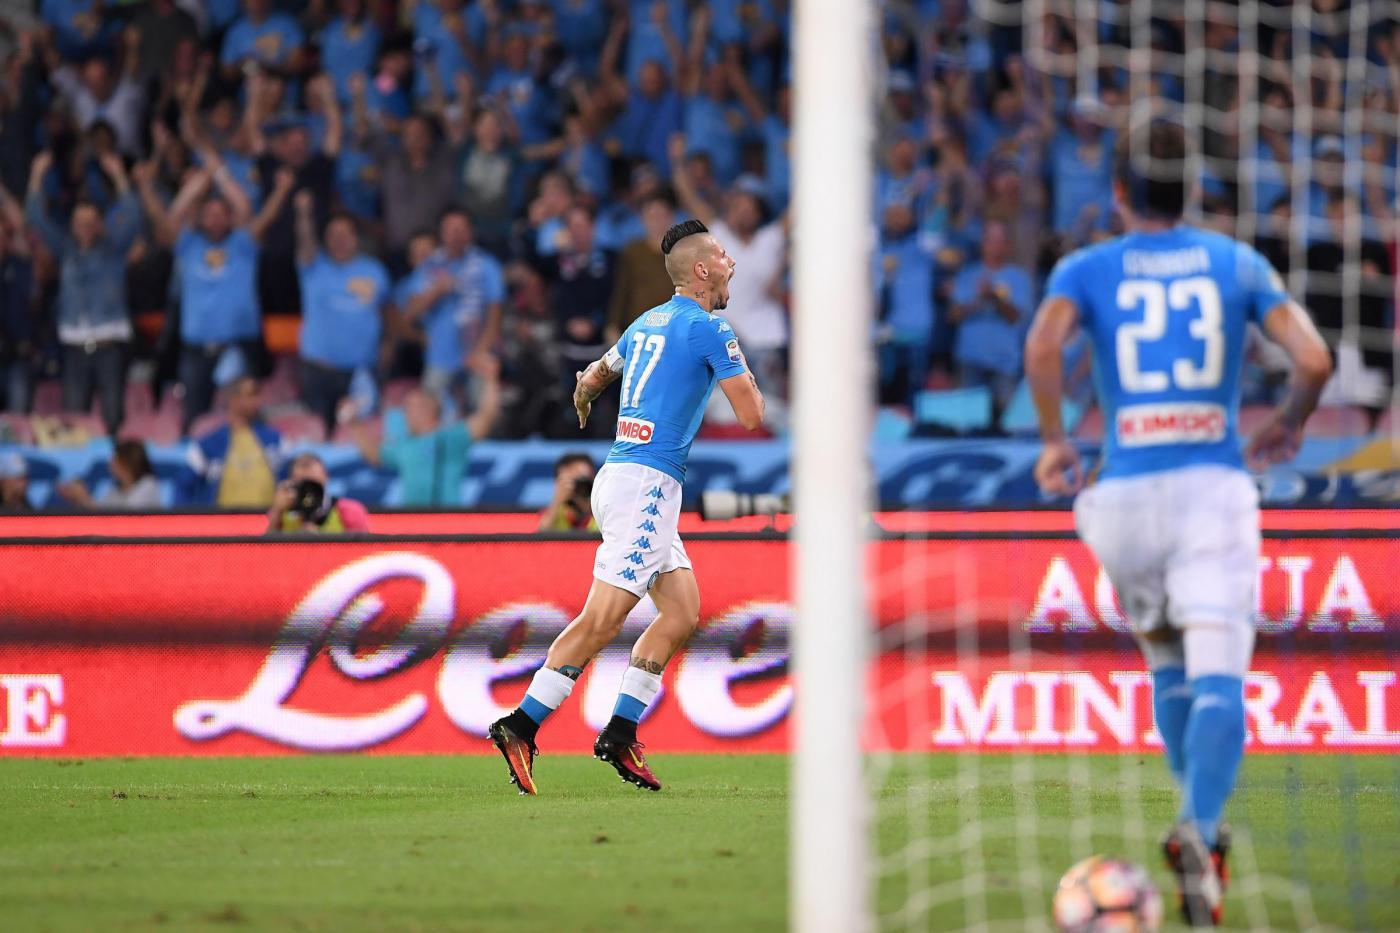 """Con la rete al Chievo al 39' del primo tempo, Marek Hamsik ha segnato il gol numero 100 con la maglia del Napoli. Lo slovacco, capitano della squadra di Sarri, è arrivato sotto il Vesuvio nell'estate 2007 e quella in corso è la sua 10a stagione con gli Azzurri. """"""""Contava vincere qui in casa e l'abbiamo fatto contro una squadra tosta. Siamo contenti della vittoria. I 100 gol col Napoli? E' un bellissimo traguardo, sono contentissimo ma più di questo contano i risultati. Siamo in alto in classifica e questo è l'importante, abbiamo iniziato bene e dobbiamo continuare così"""" ha detto Hamsik ai microfoni di """"Serie A Live""""."""